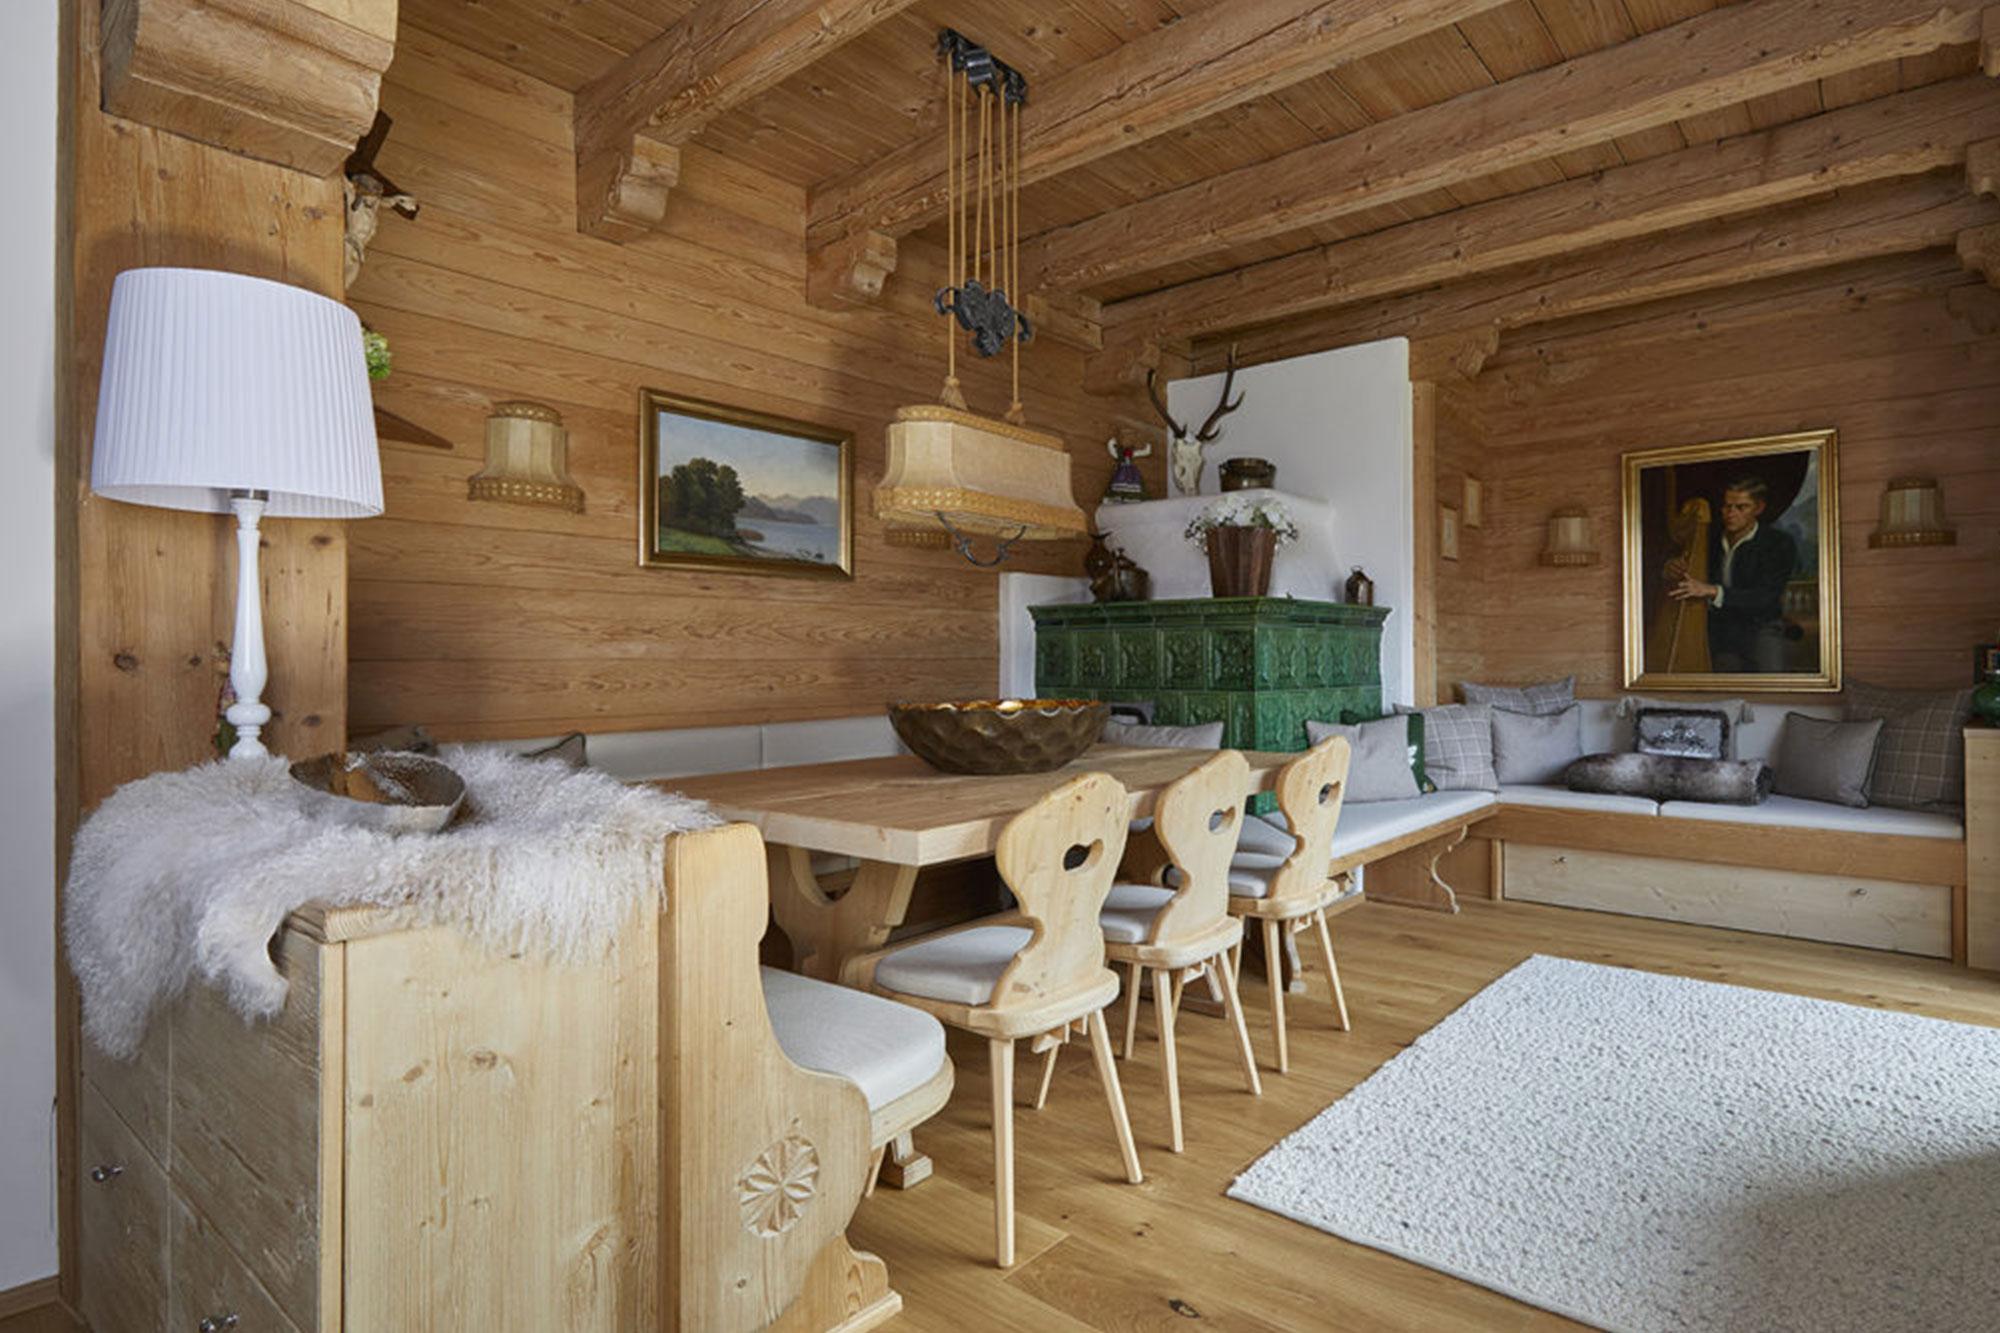 Tischlerei Stöckl Ebbs Inneneinrichtung Ferienhaus Möbel Stube Wohnzimmer